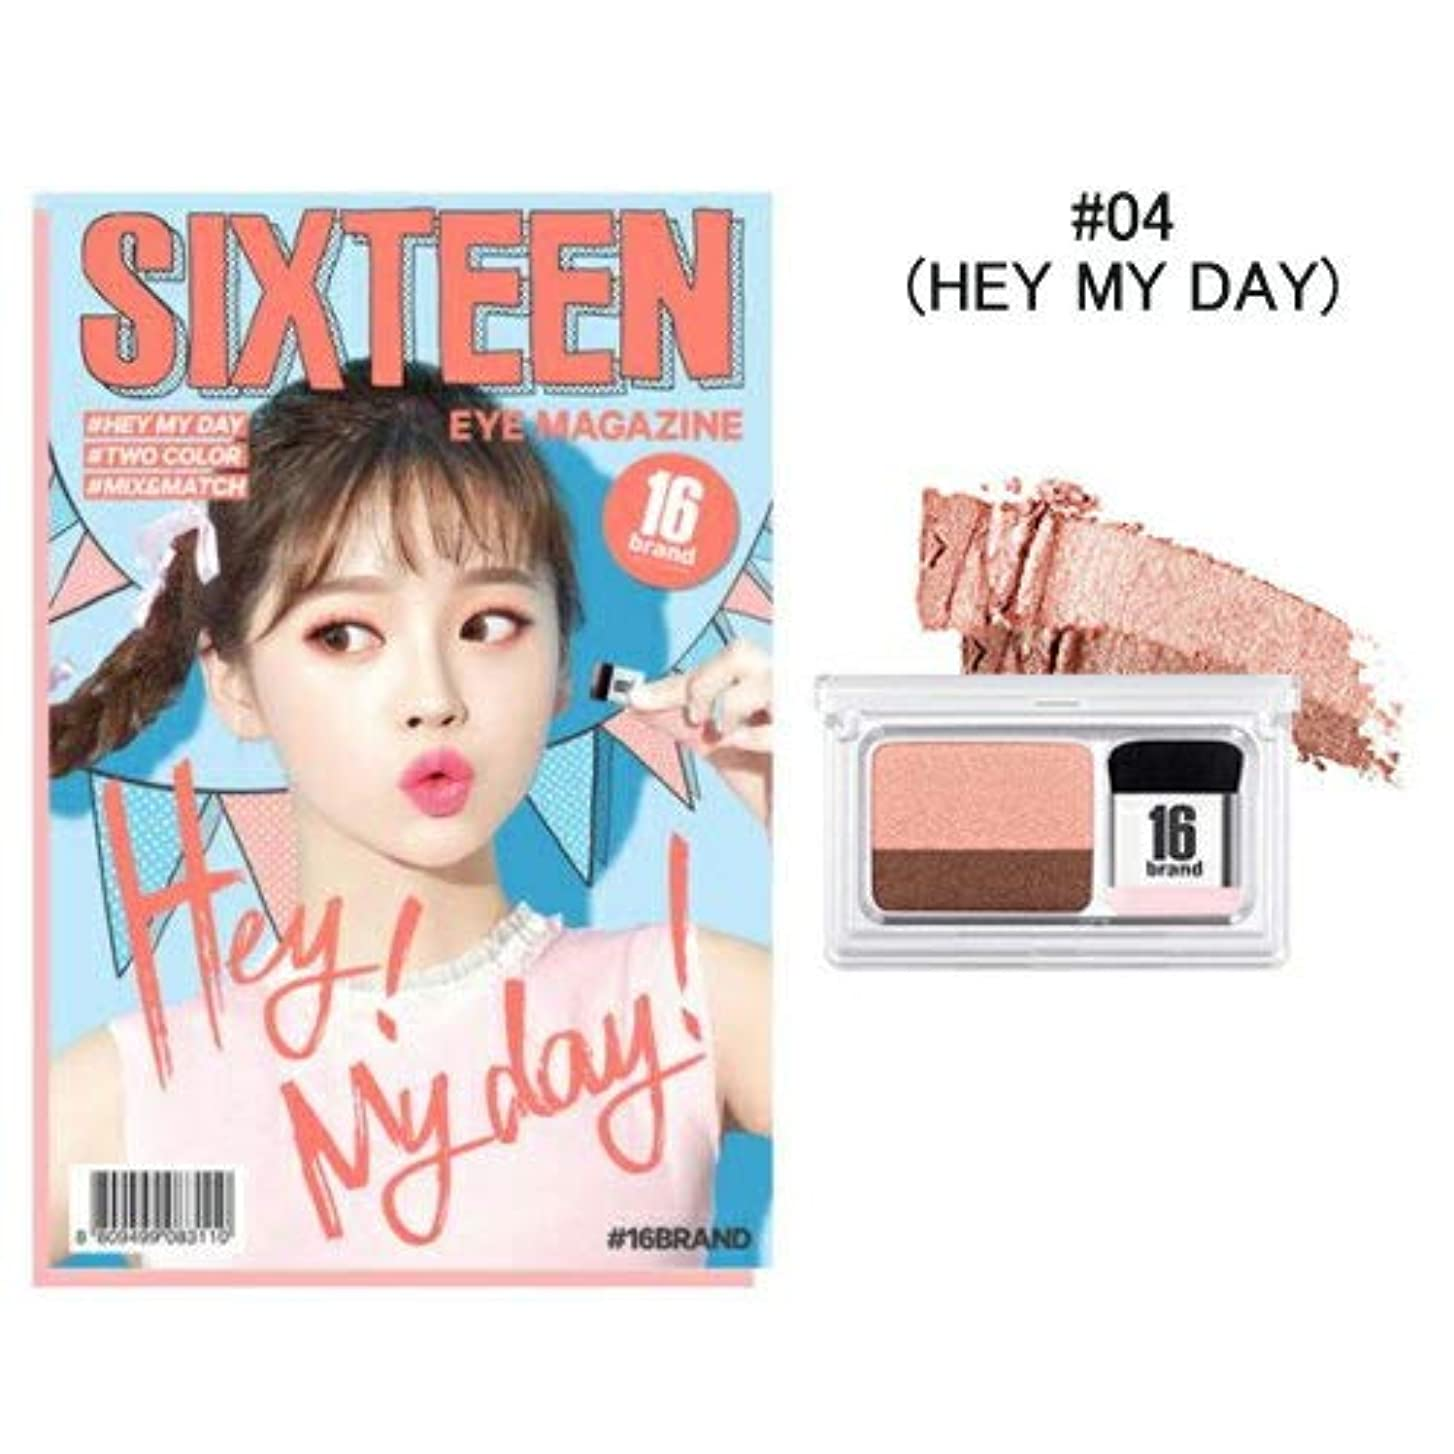 増幅する生き残りイノセンス[New Color] 16brand Sixteen Eye Magazine 2g /16ブランド シックスティーン アイ マガジン 2g (#04 HEY MY DAY) [並行輸入品]